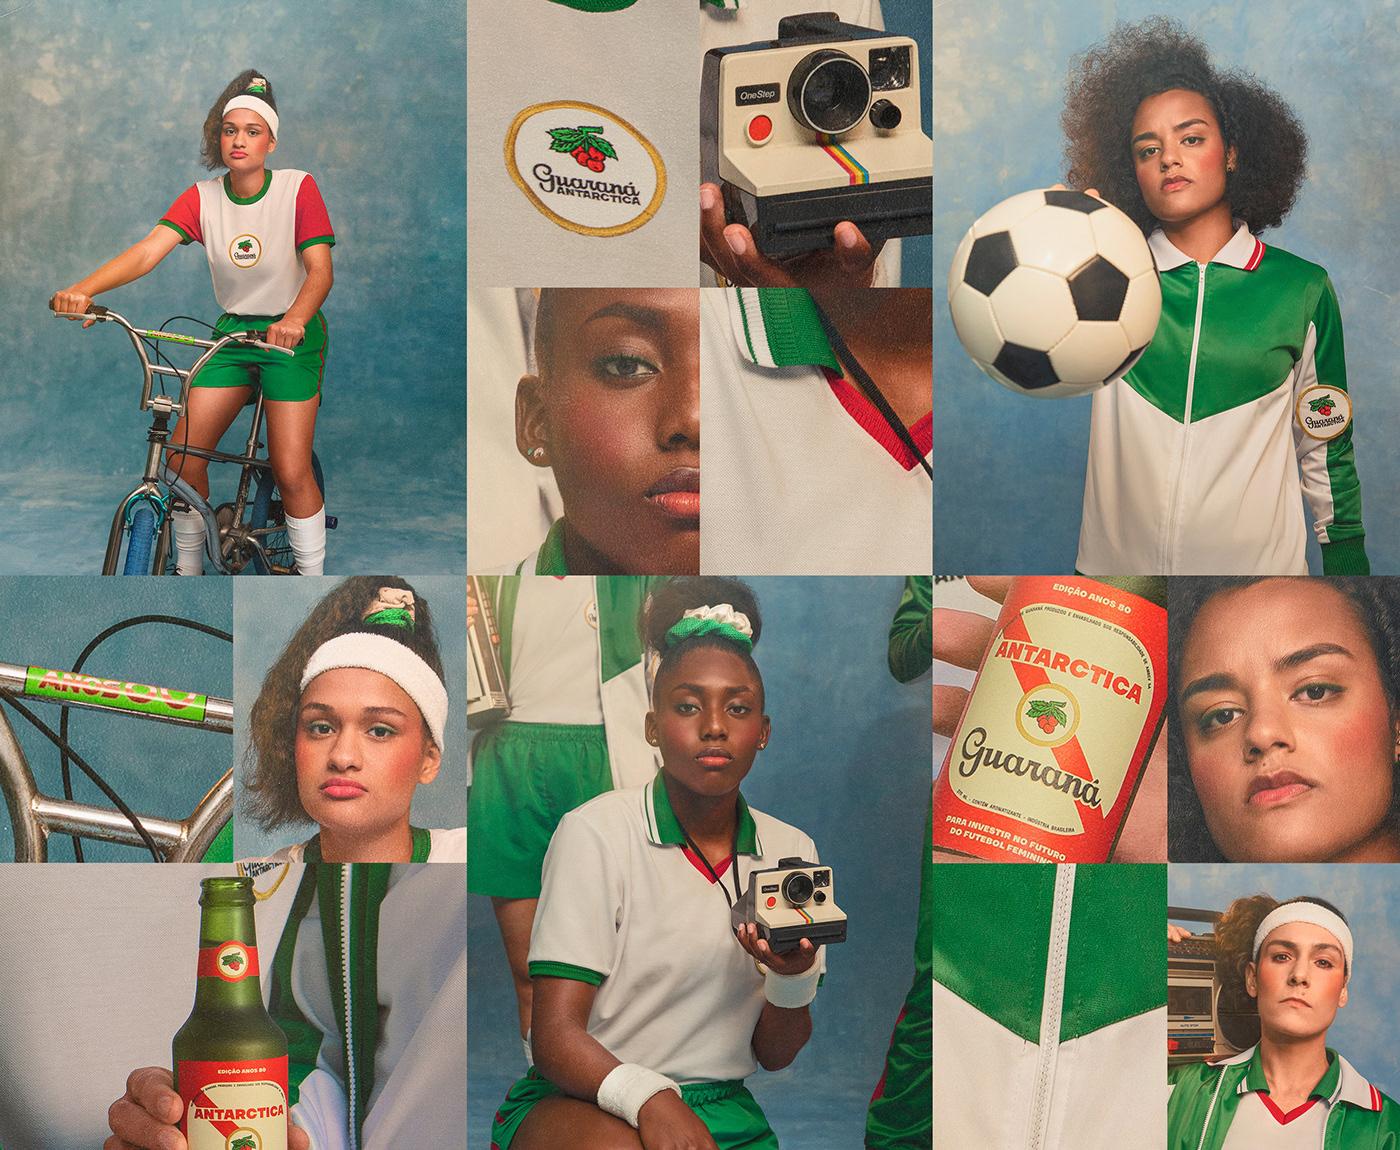 80s ambev campanha Direção de arte futebol Futebol feminino guarana antarctica packaging design publicidade Retro